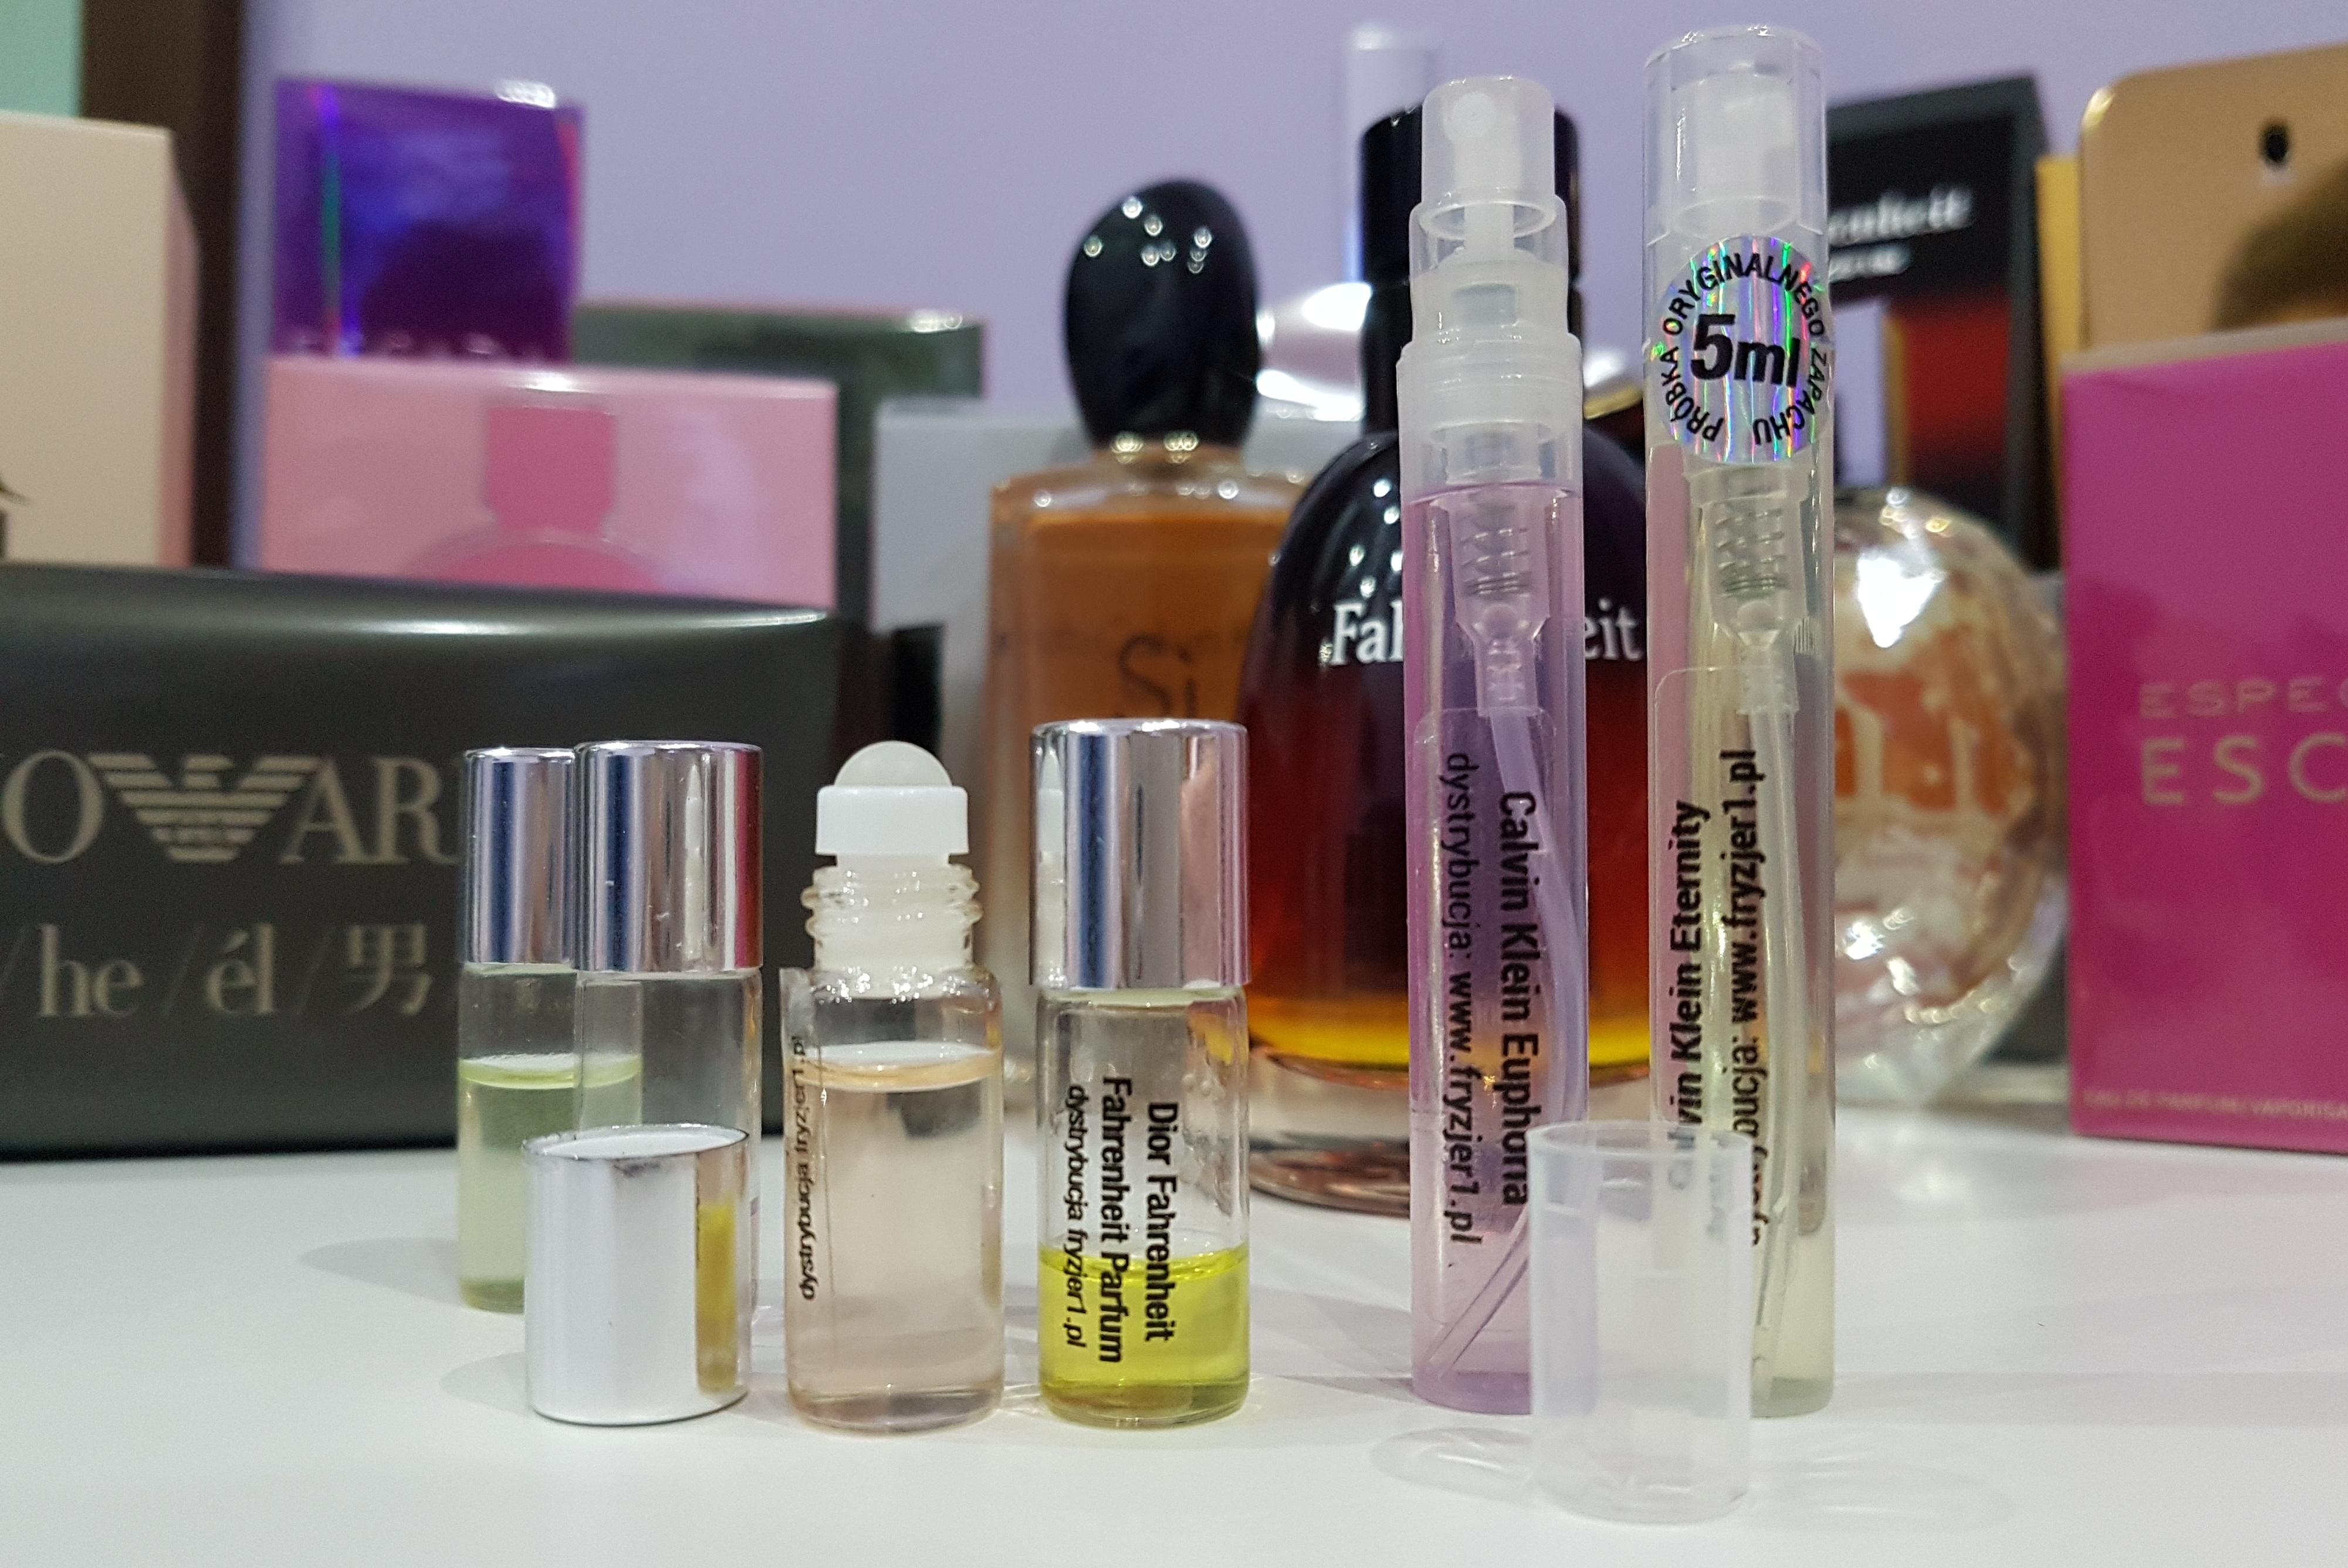 Perfumy I Próbki Oryginalnych Perfum Fryzjer